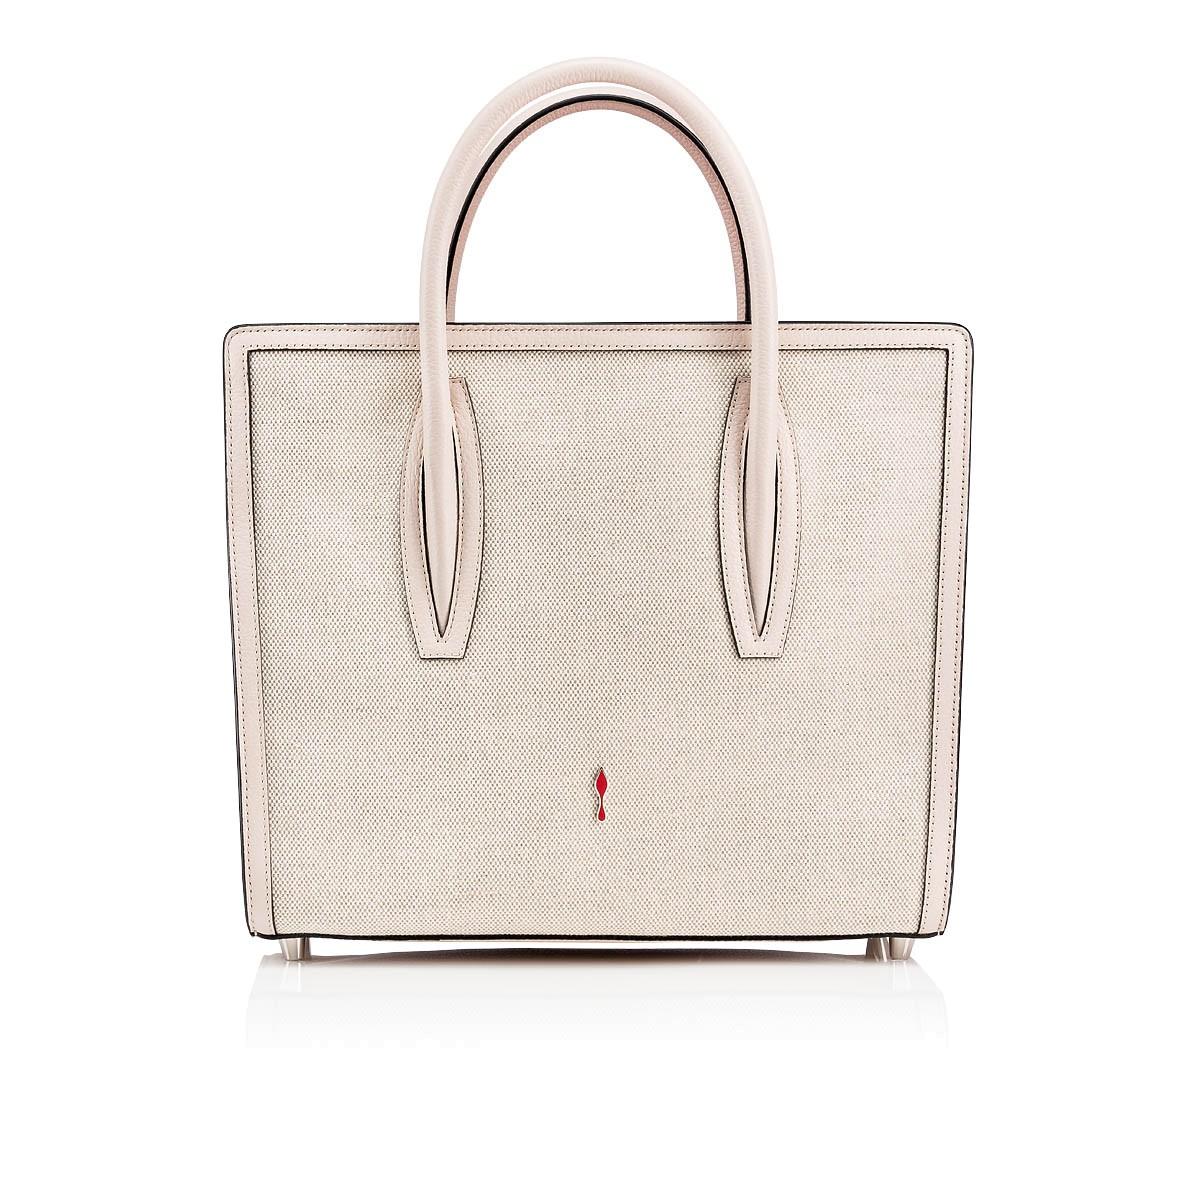 包款 - Paloma Classic Leather - Christian Louboutin